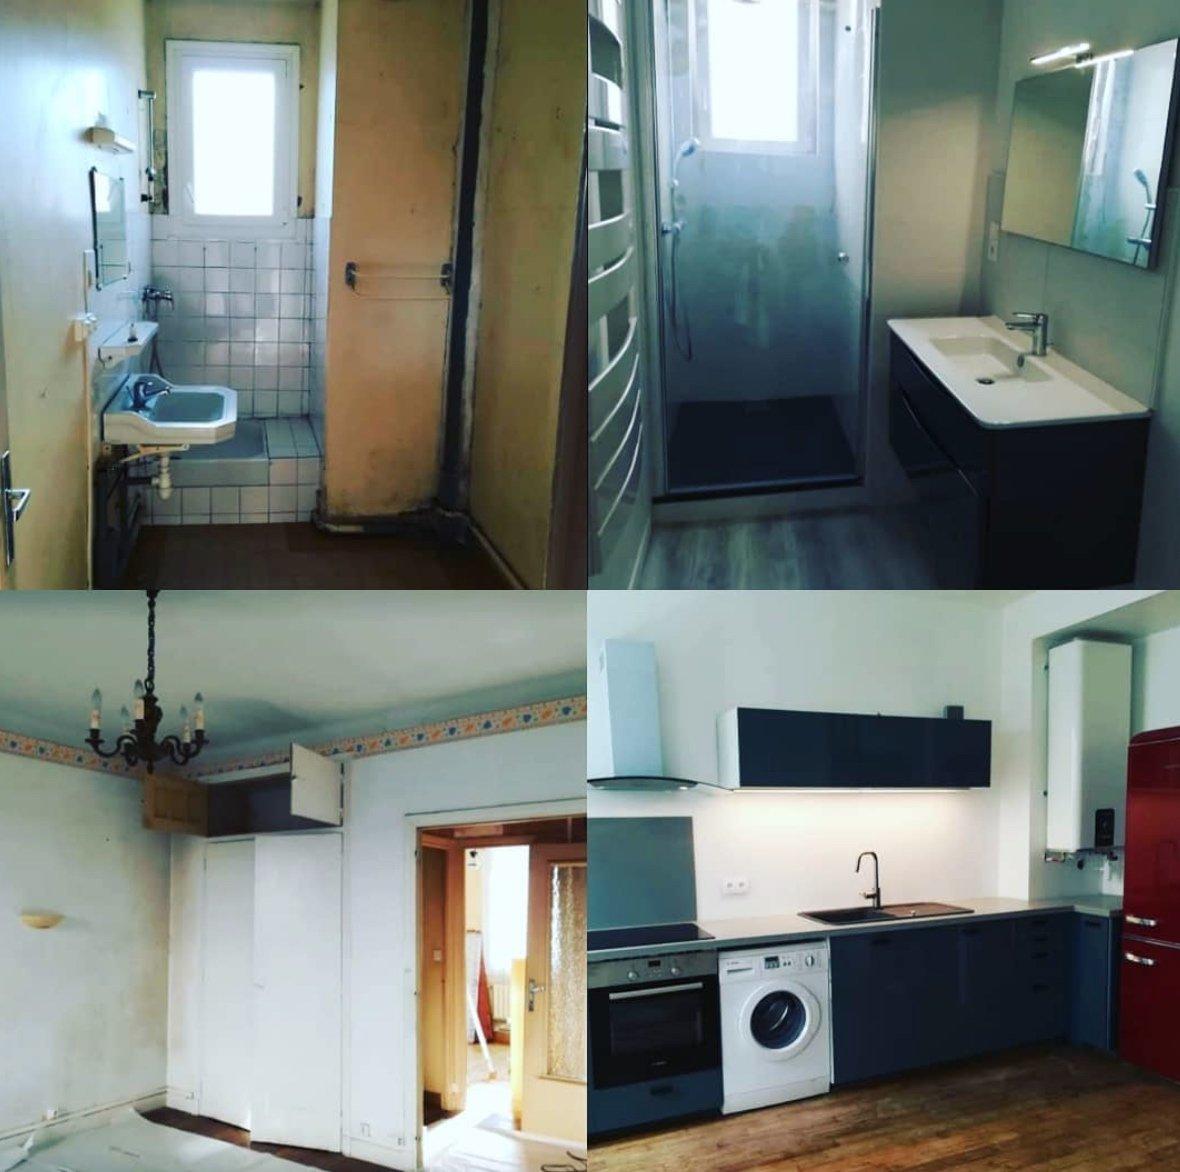 Investissement T2 résidence principale immobilier